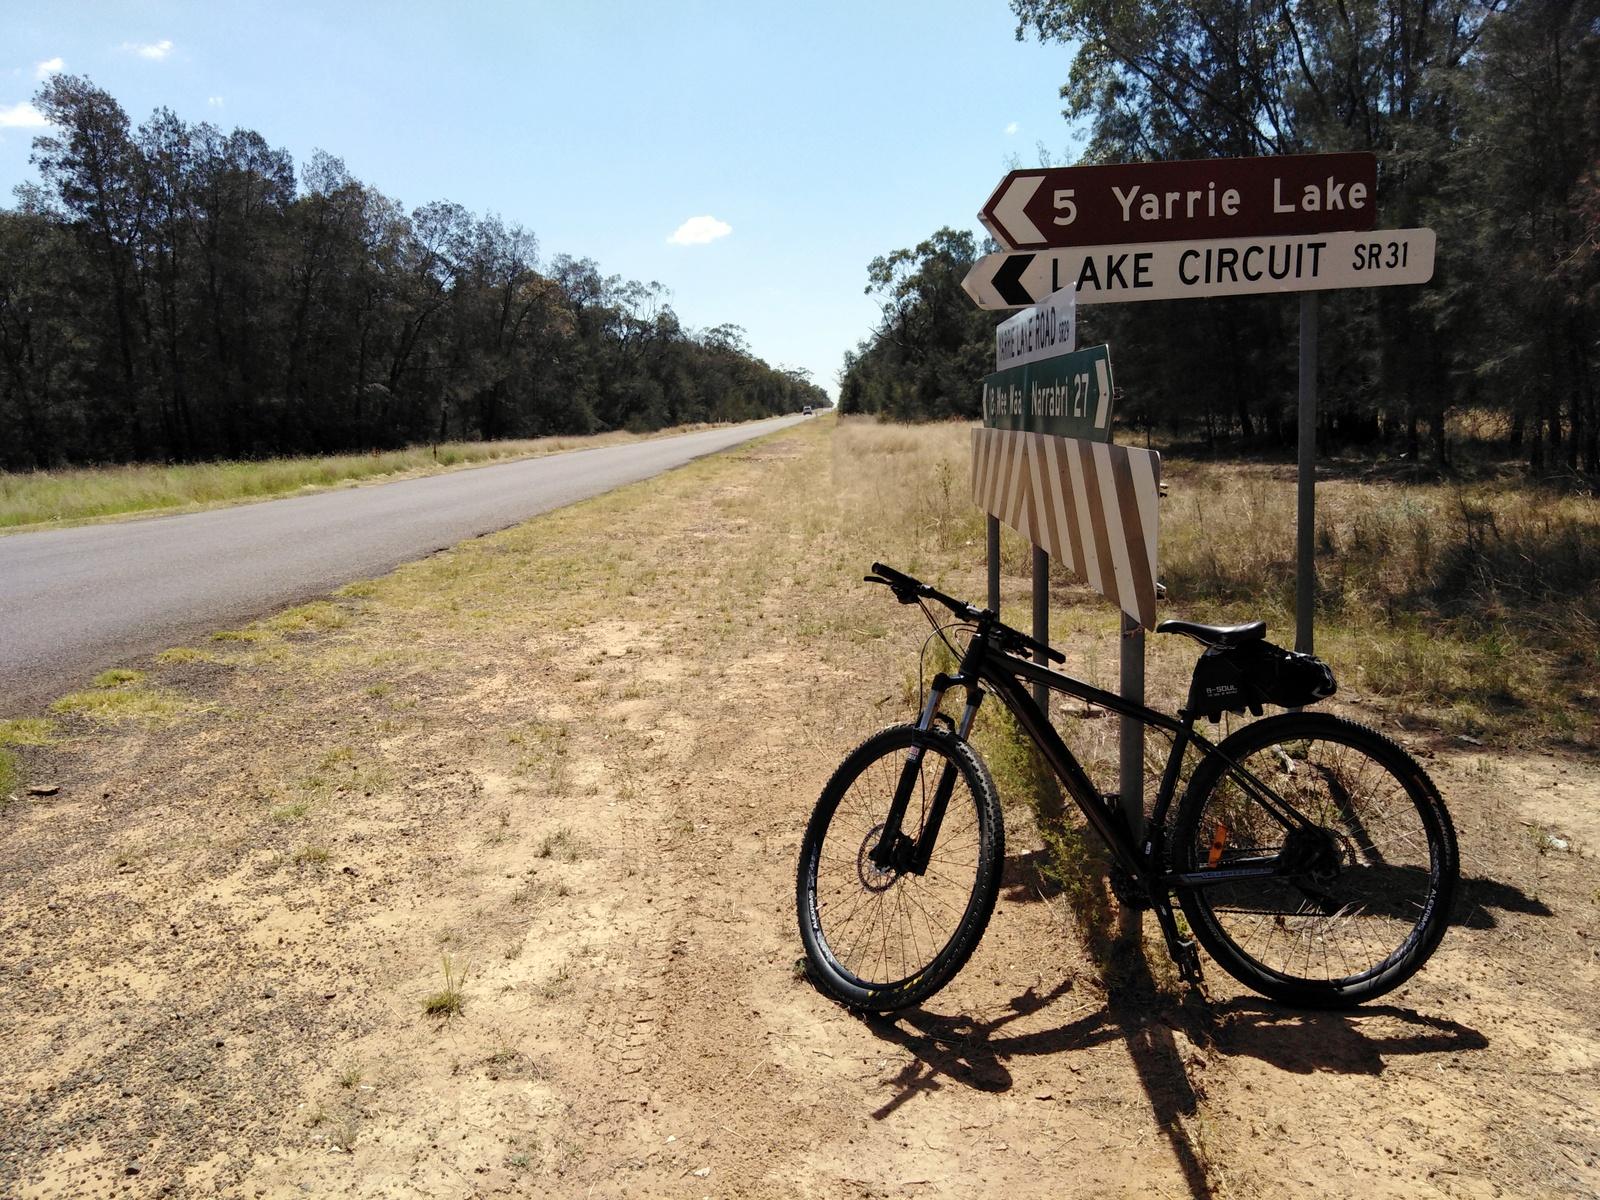 Yarrie Lake road